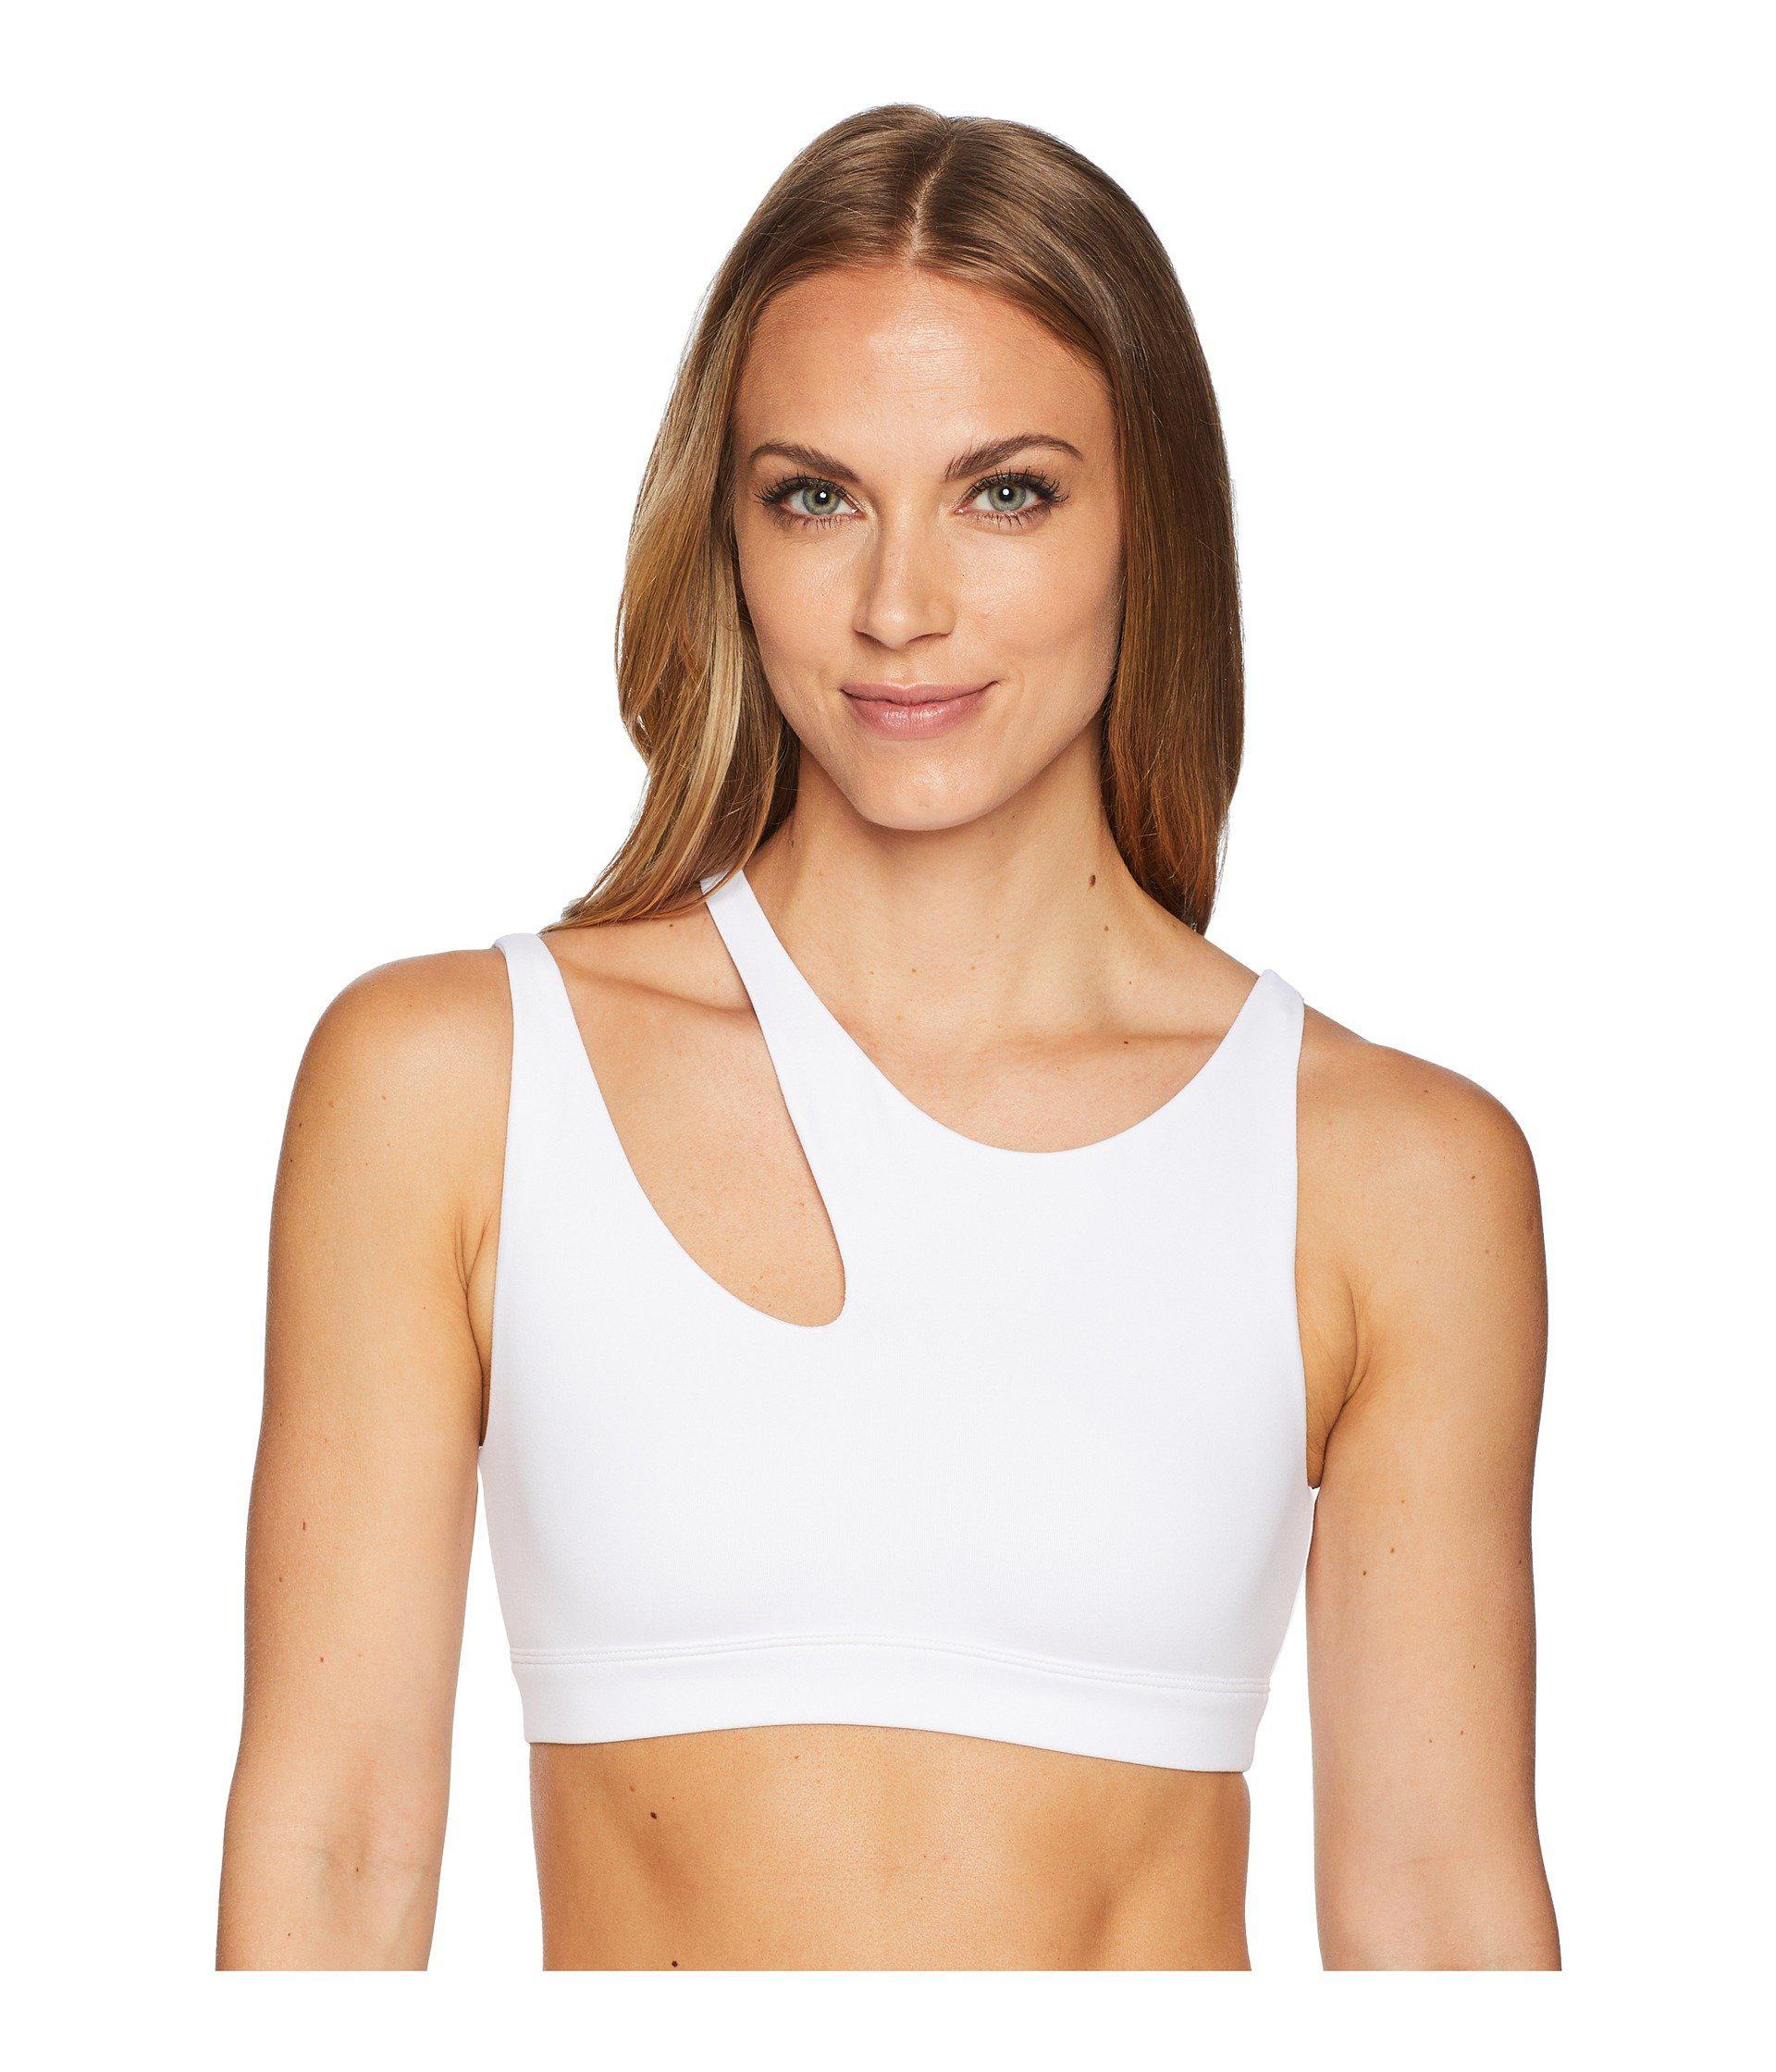 e5dd76ce78 Lyst - Alo Yoga Peak Bra (anthracite) Women s Bra in White